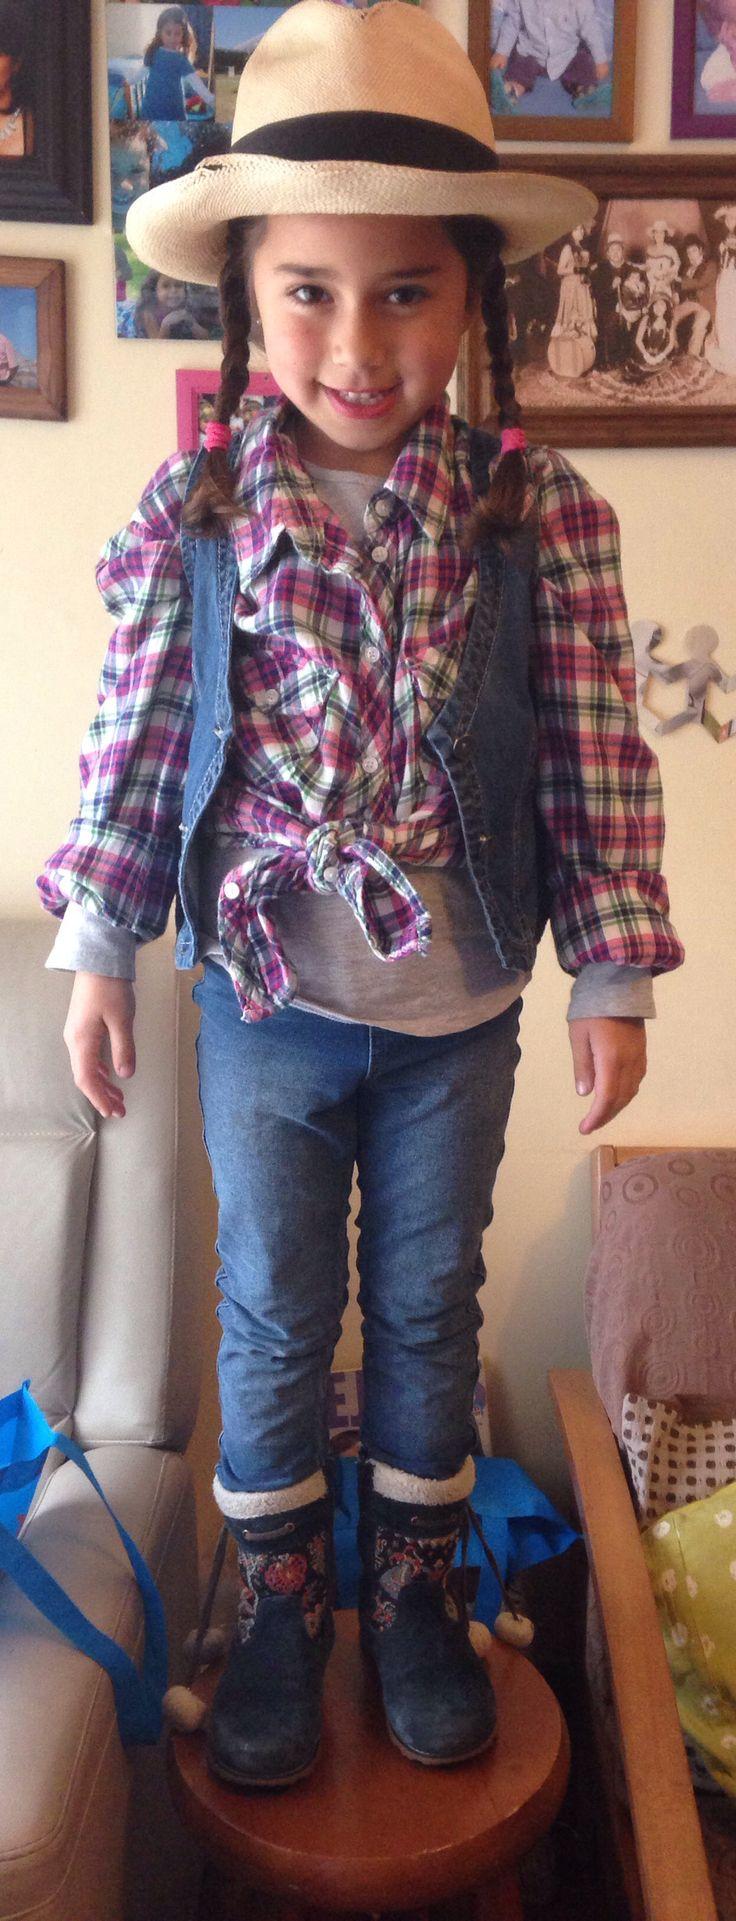 Simple disfraz de vaquera, jeans, camisa cuadrille, sombrero, trenzas... Bella